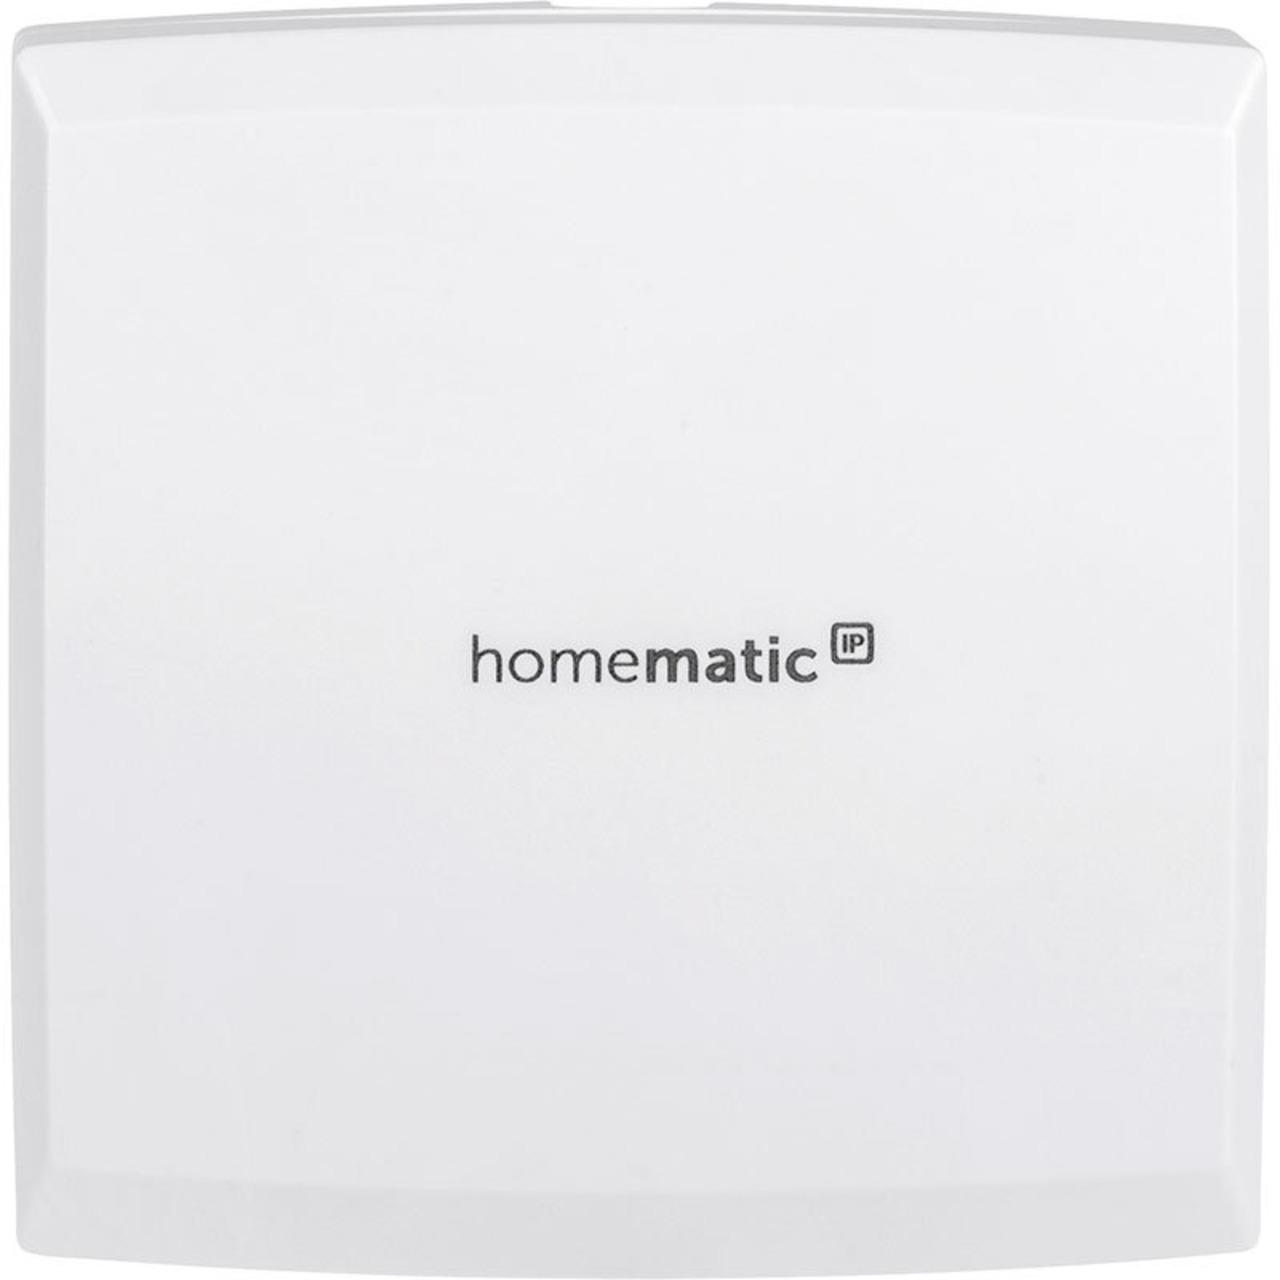 Homematic IP Garagentortaster-Schaltaktor HmIP-WGC- fernbedienbar